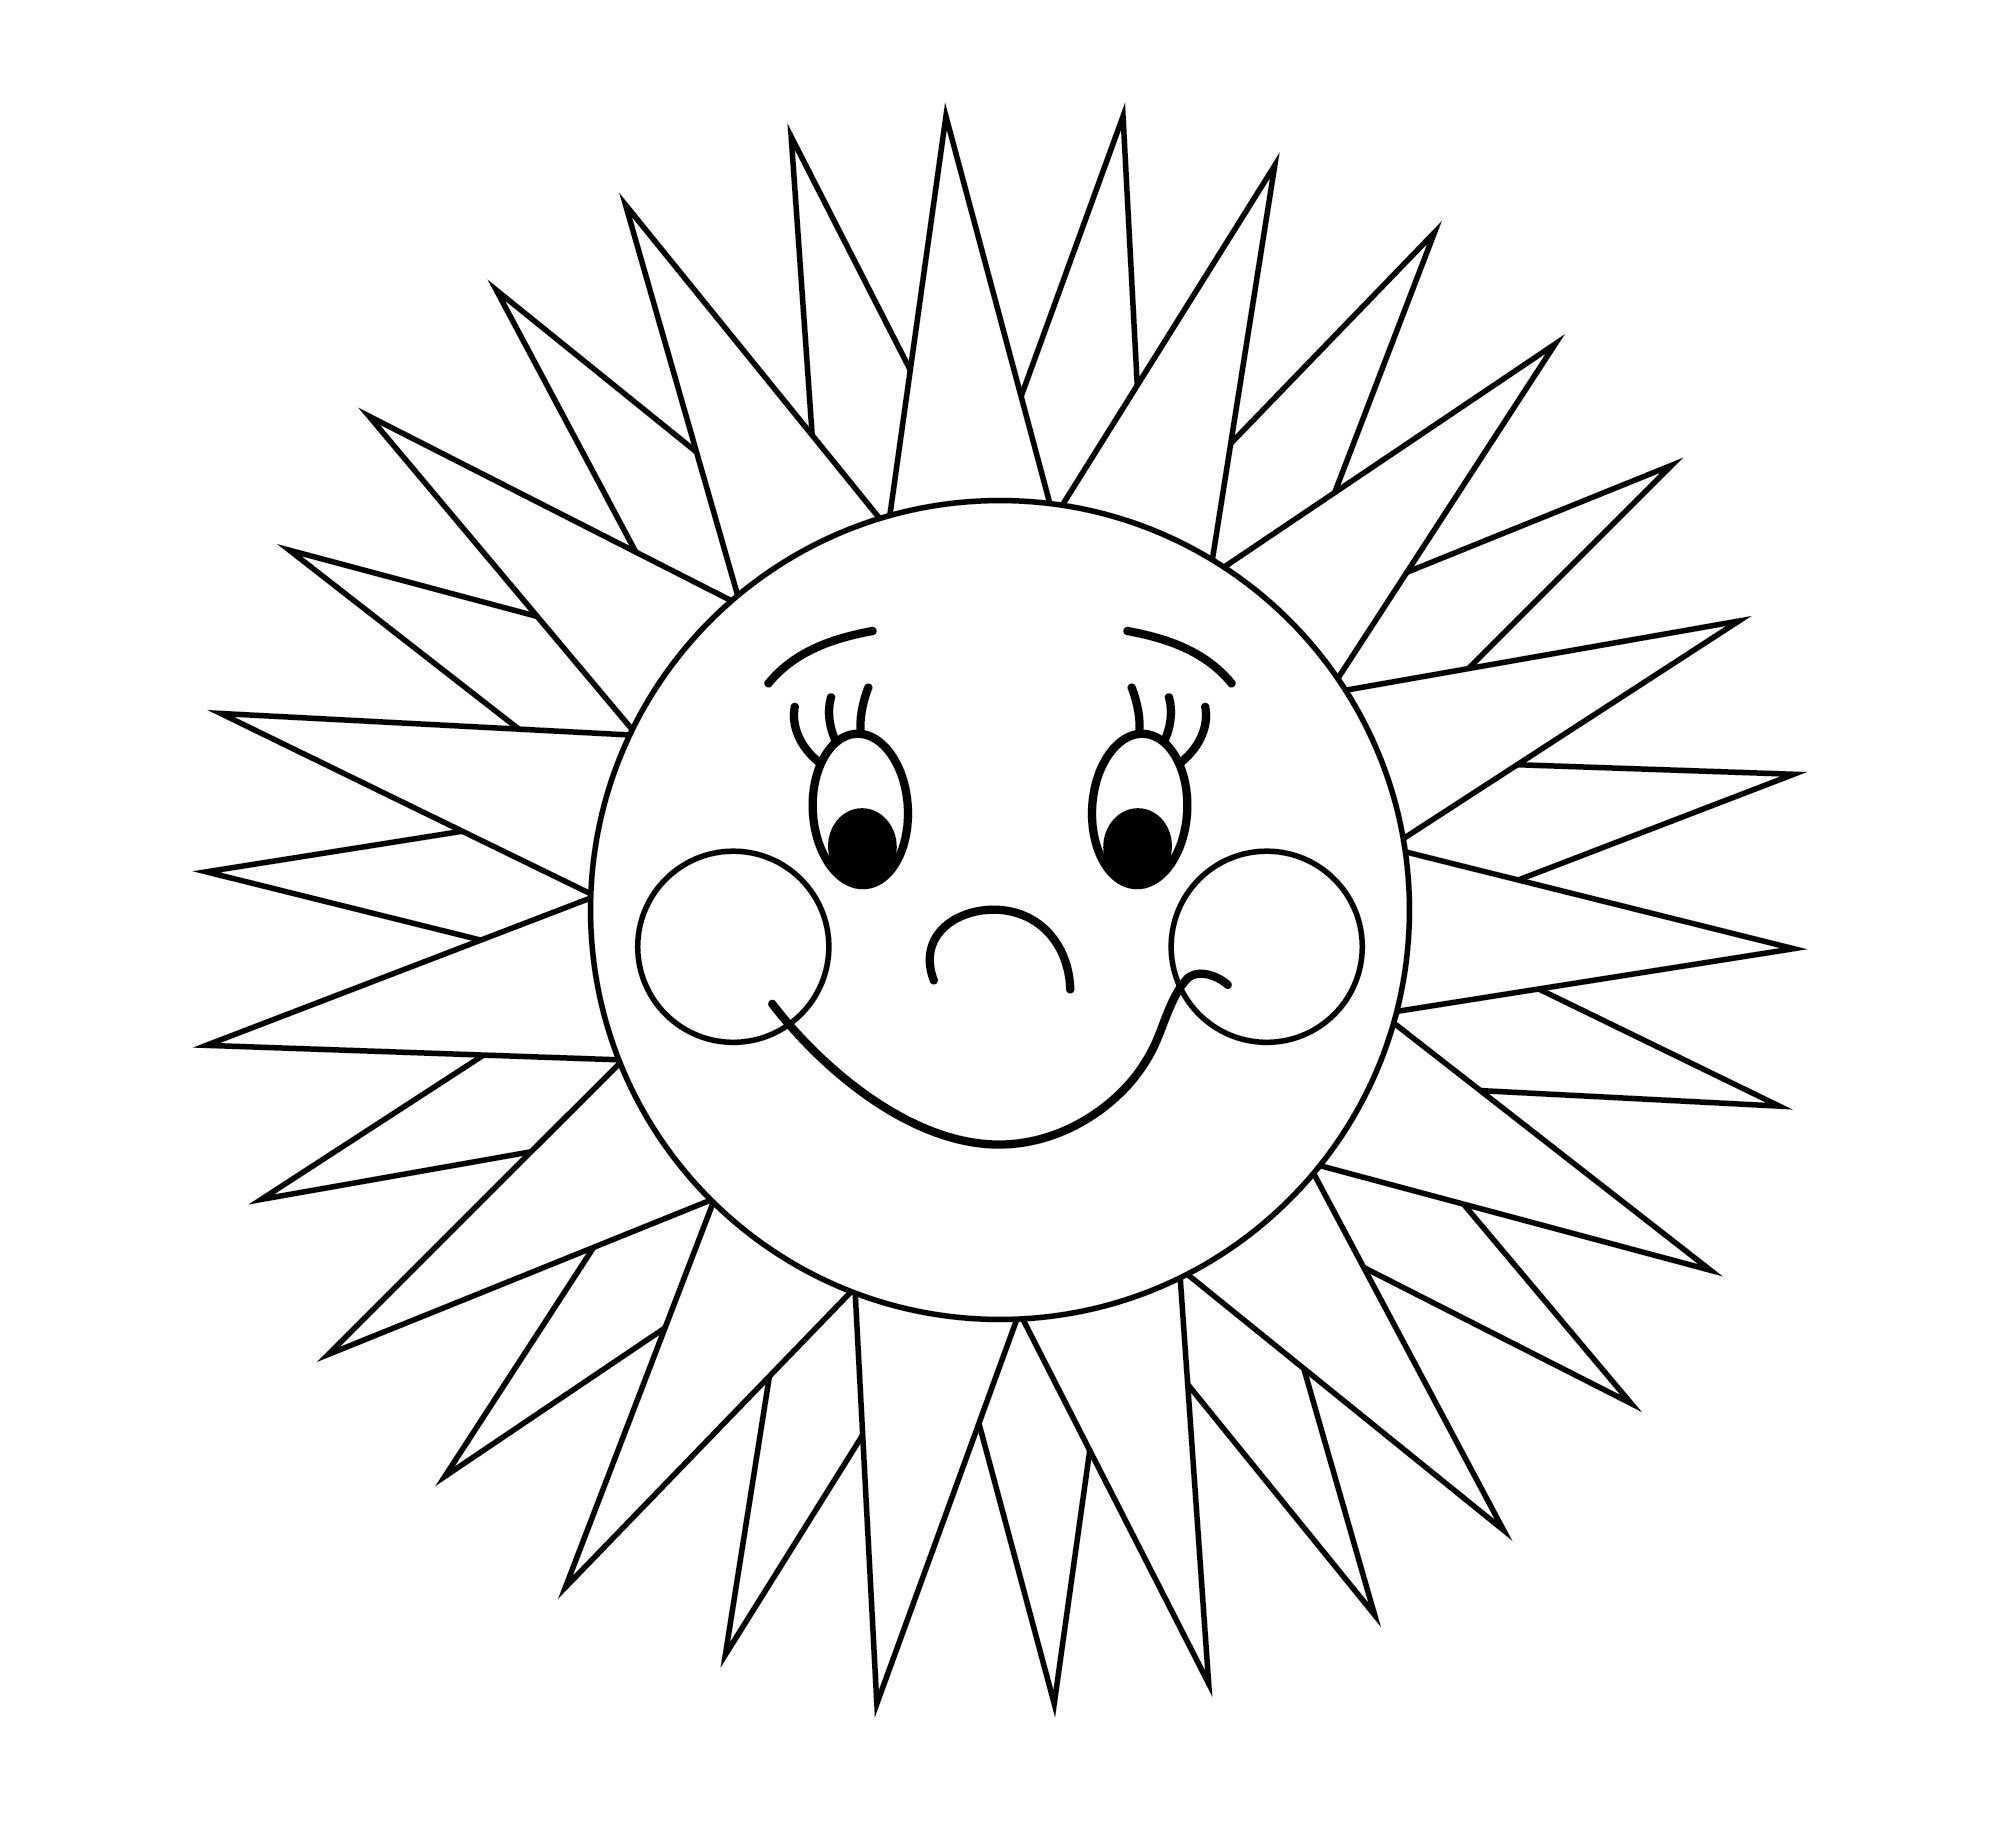 Ausmalbilder Zum Ausdrucken Sonne Kostenlos E1550291884555 Malvorlagen Ausmalbilder Kostenlose Malvorlagen